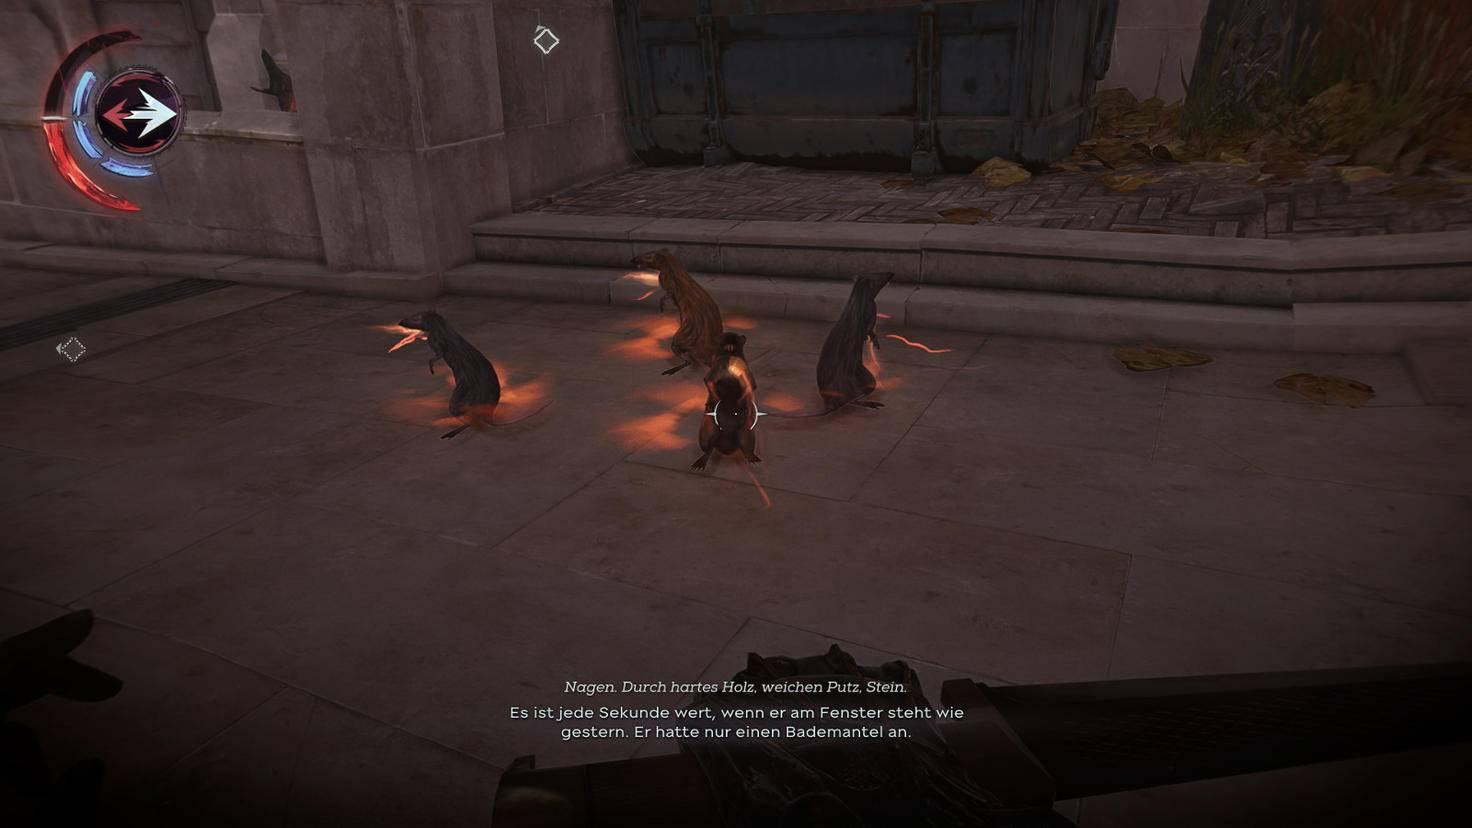 Ratten flüstern Billie kryptische Hinweise zu.